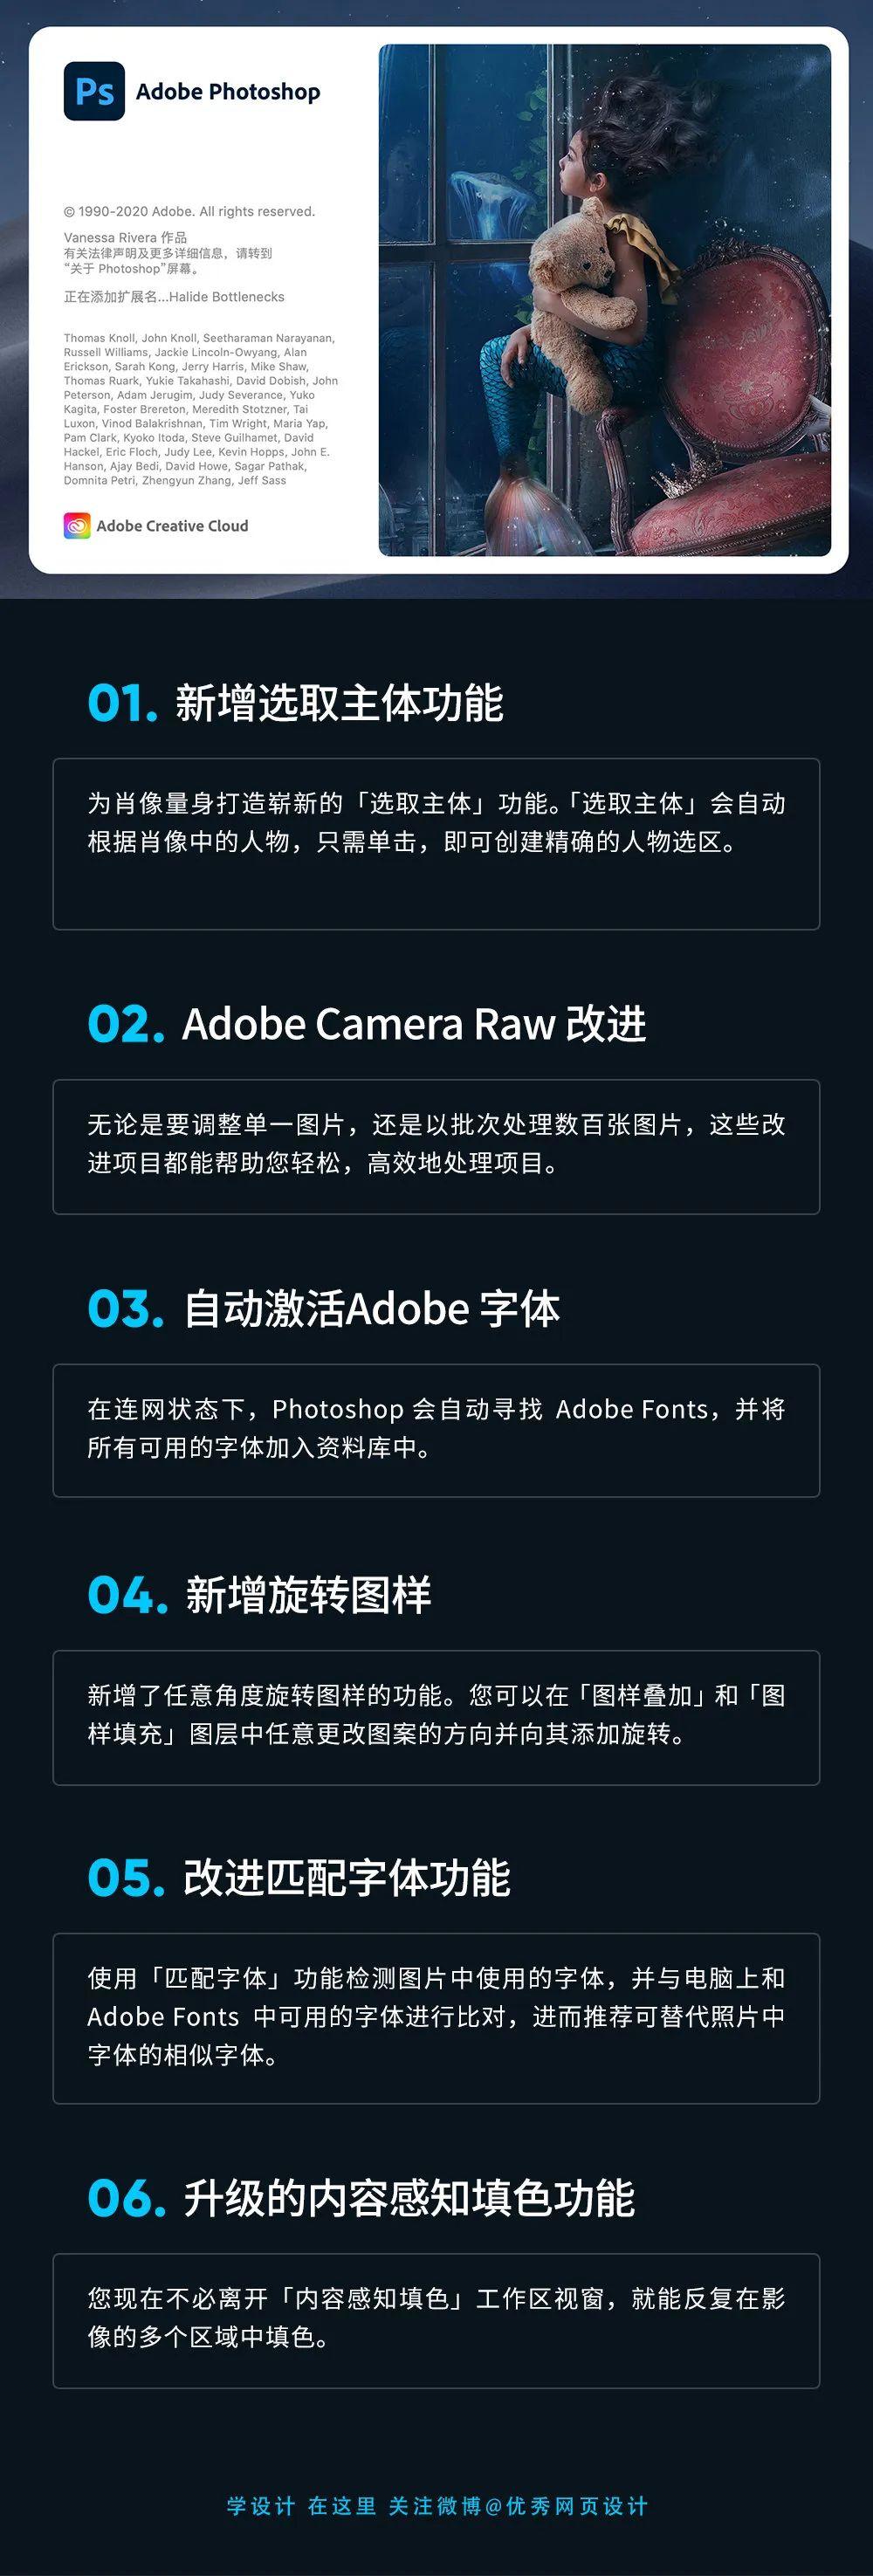 Adobe 2020全家桶更新全解读,设计师直呼:也太智能了吧!